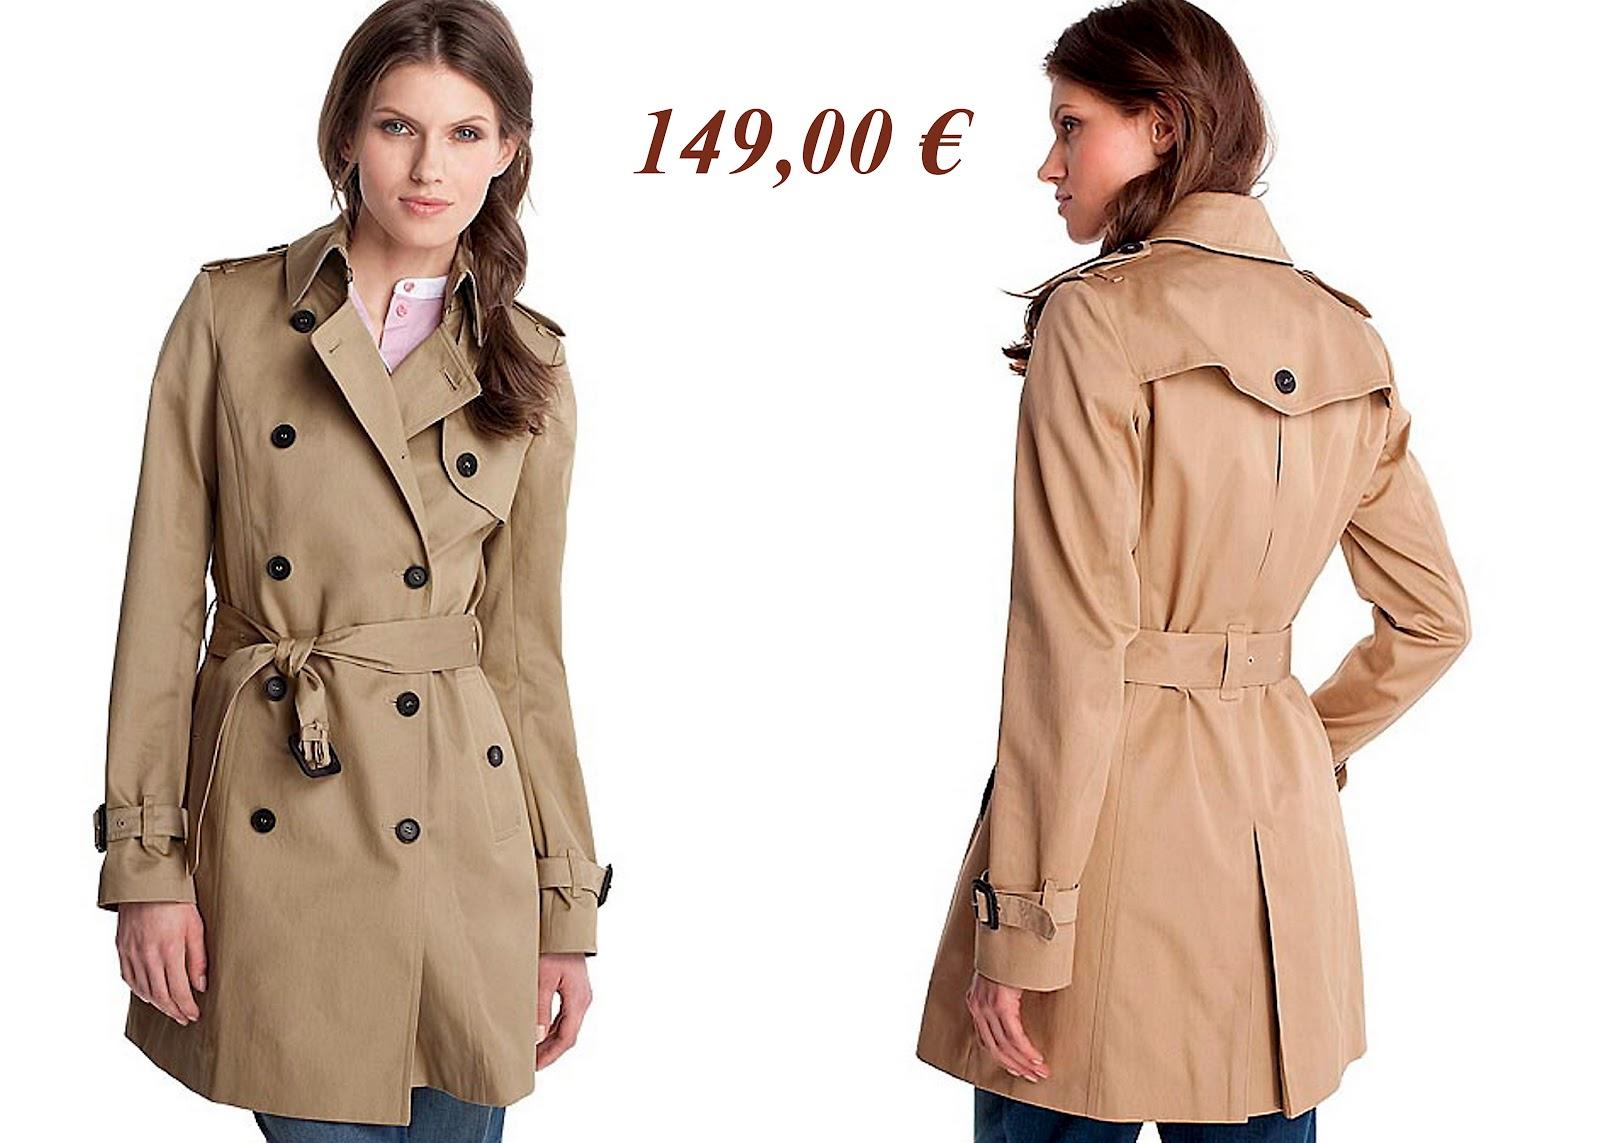 Jos mun pitäisi valita yksi takki 35c9998110